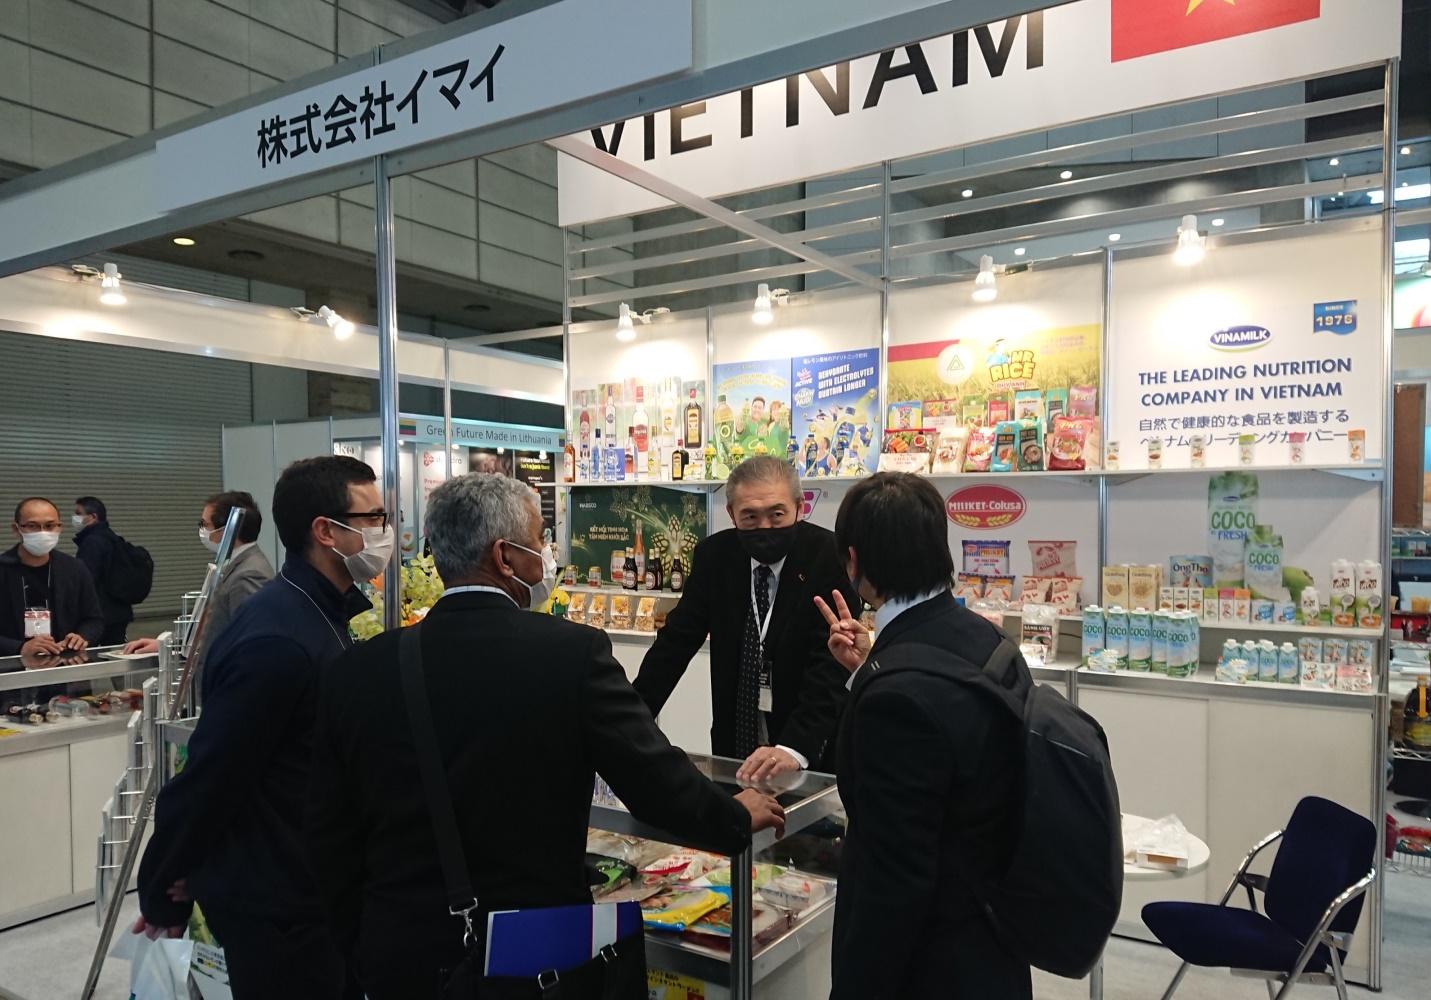 Thương hiệu nước giải khát Việt Nam xuất hiện nổi bật tại Foodex Japan 2021 - Ảnh 4.